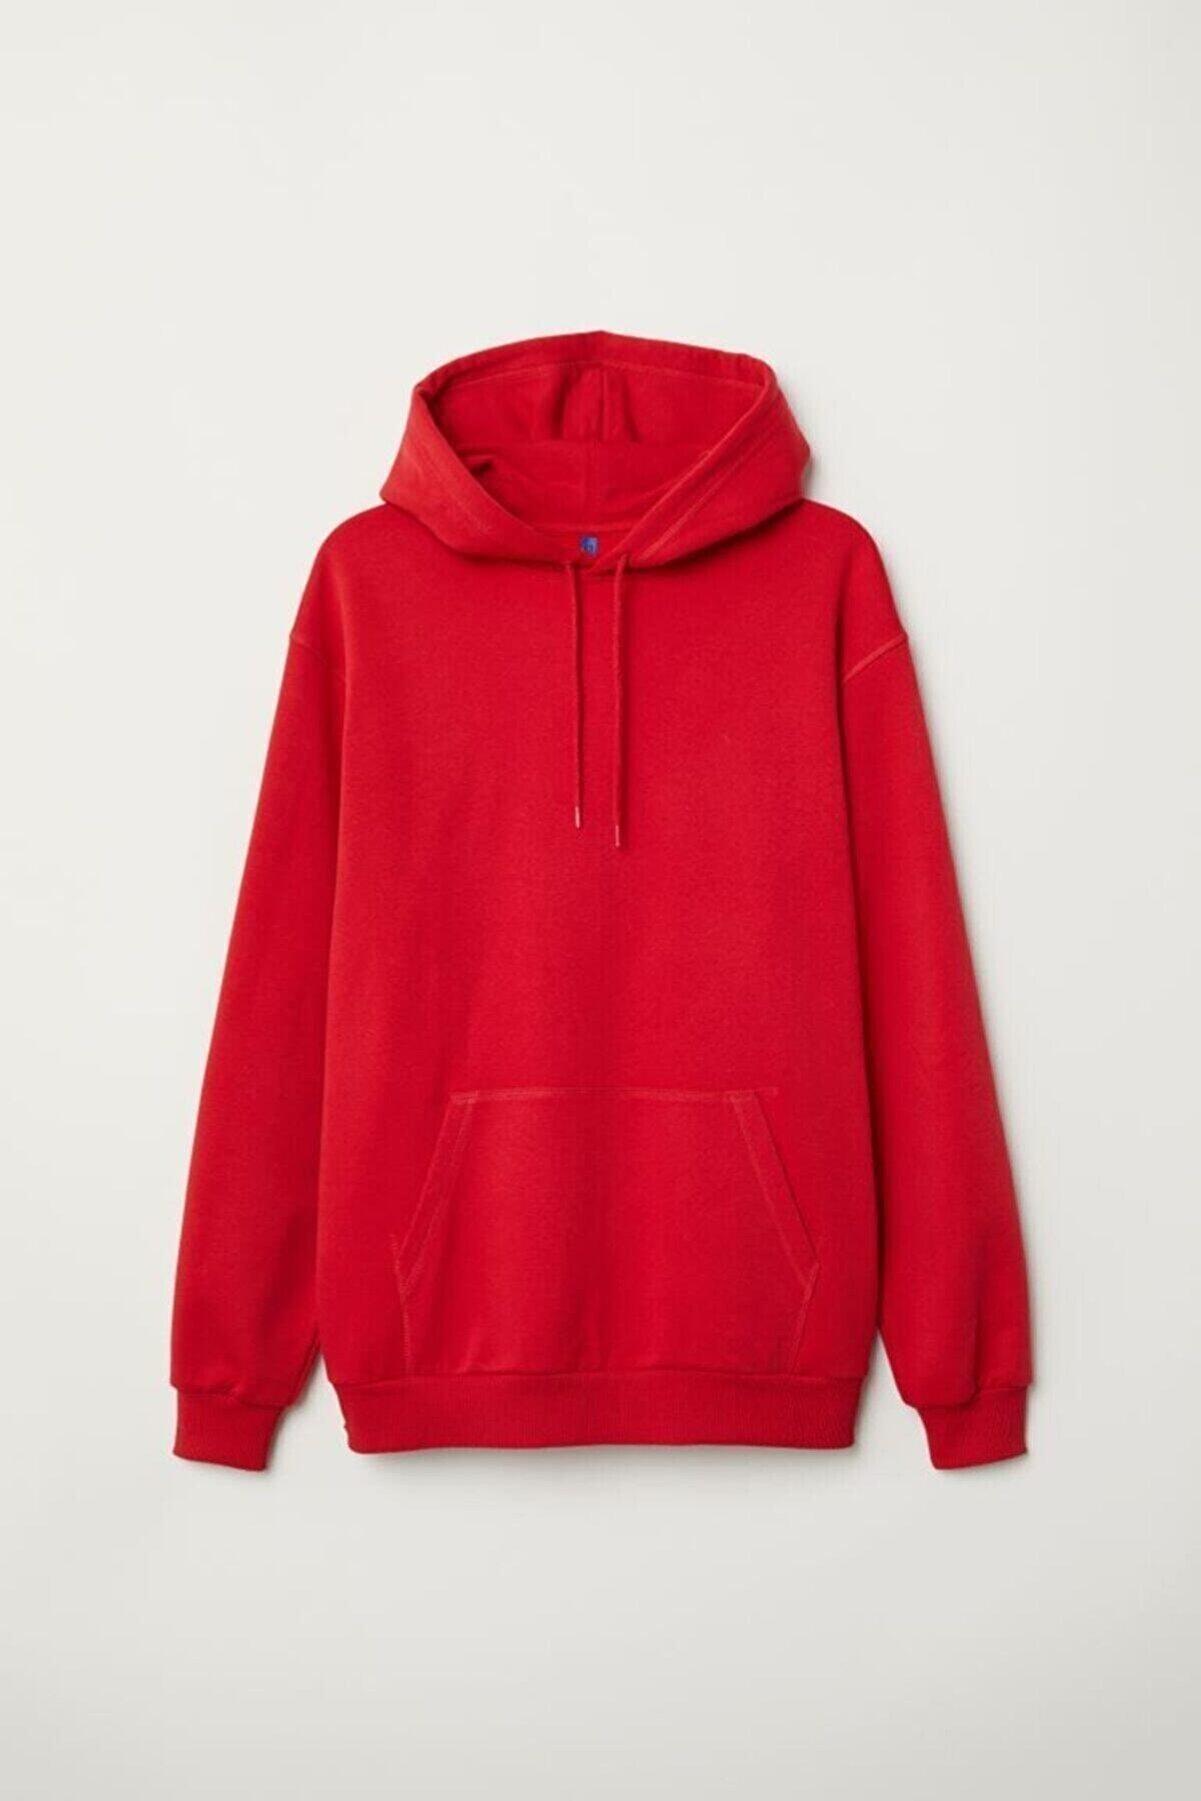 oneoff Kırmızı Oversize Unisex Sweatshirt Cepli